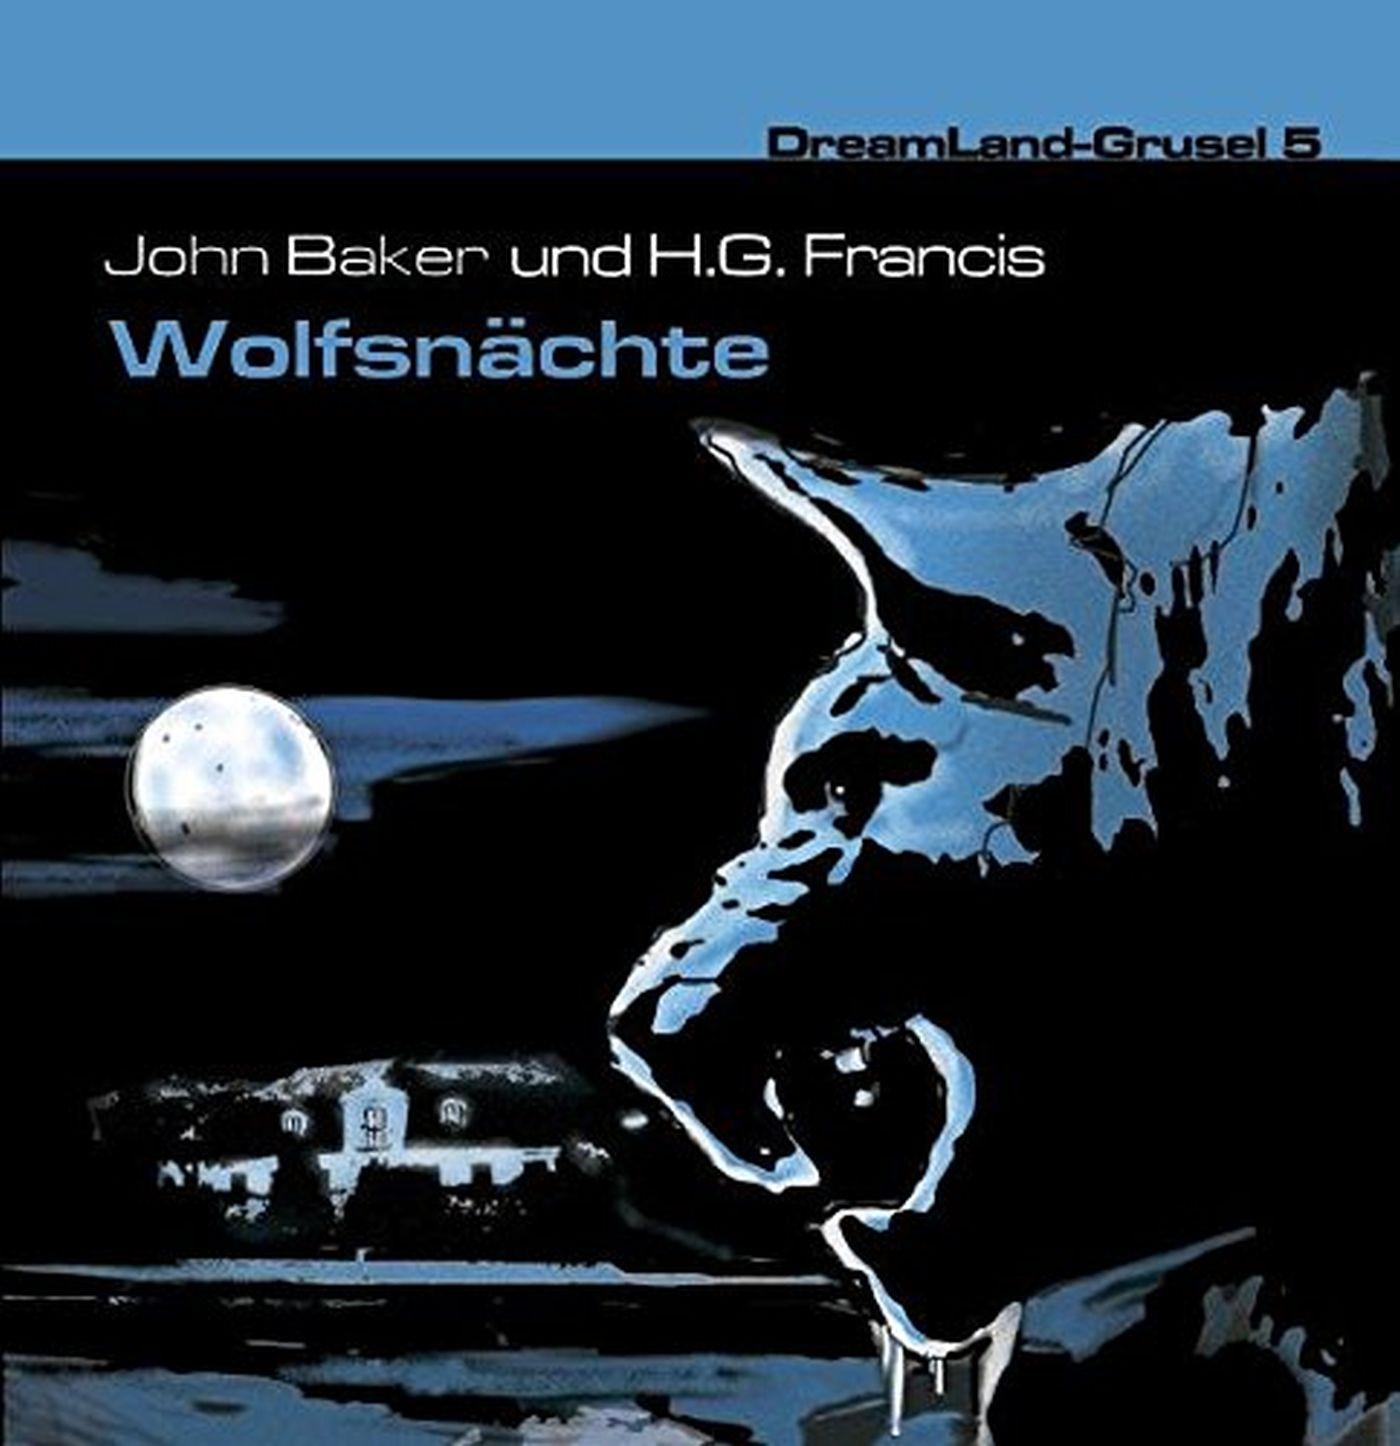 DreamLand Grusel - 05 - Wolfsnächte